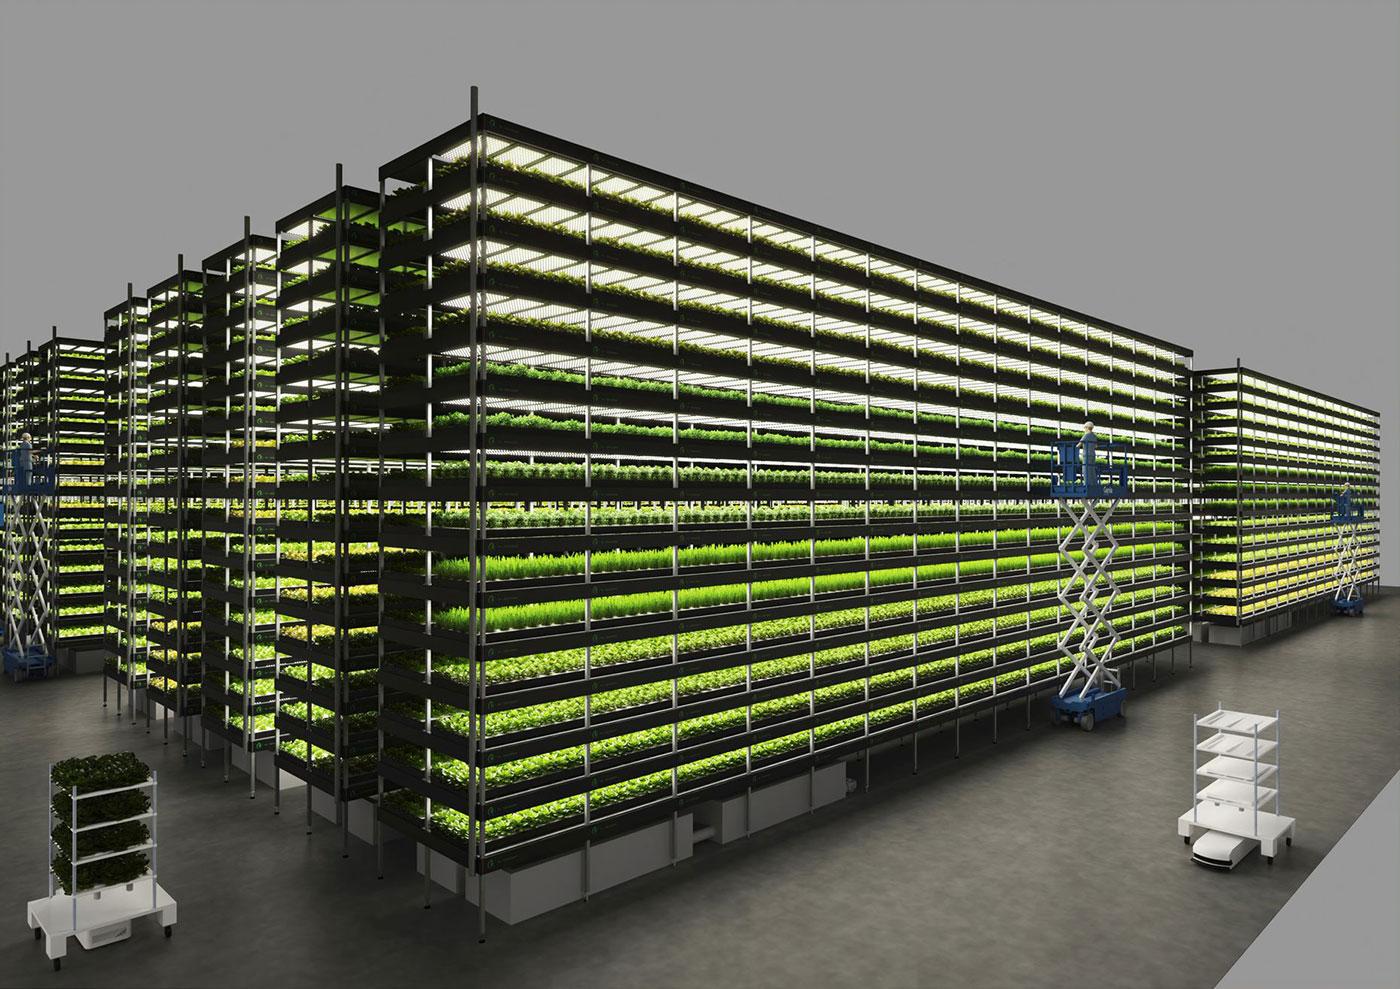 Computer rendering af det vertikale etage landbrug